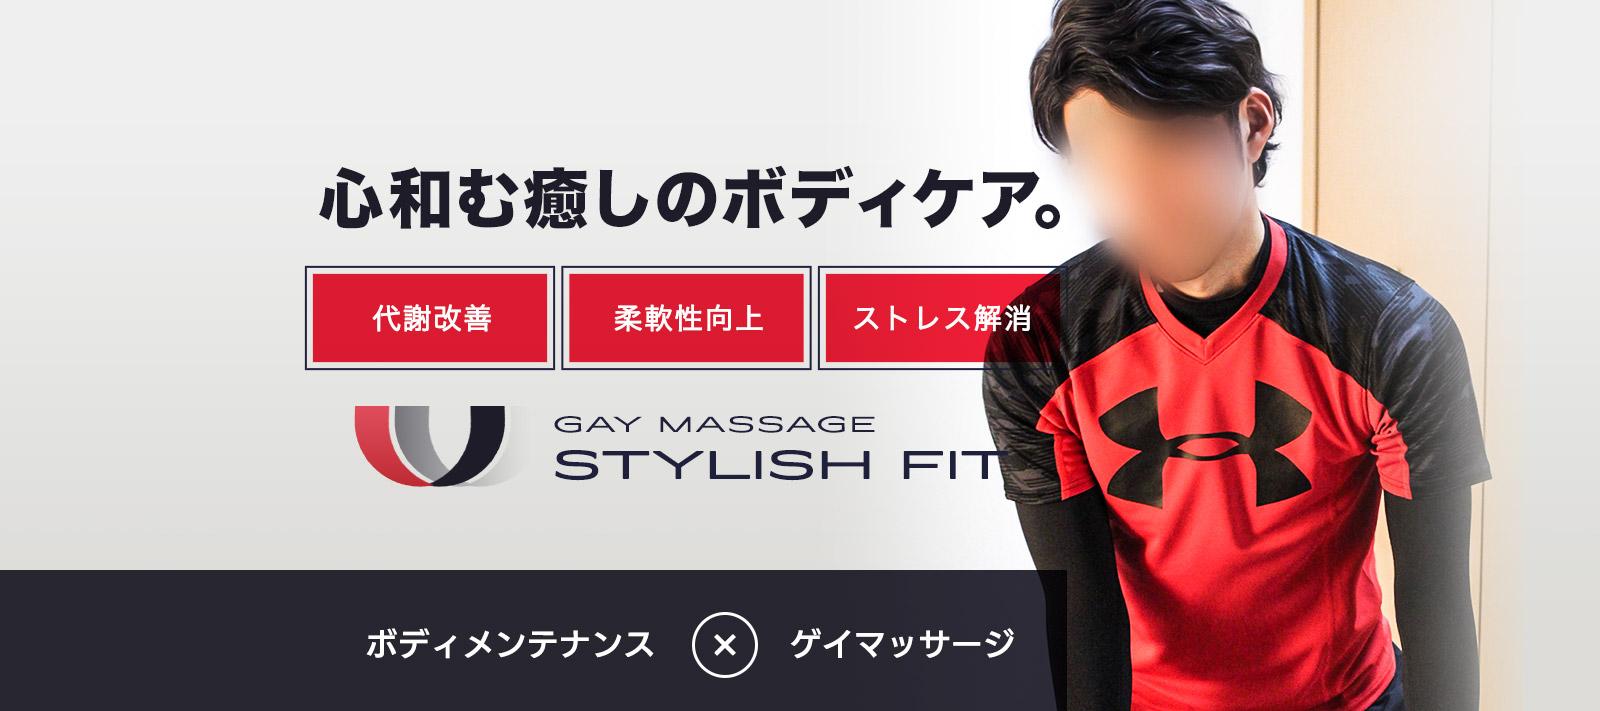 大阪ゲイマッサージ STYLISH FIT